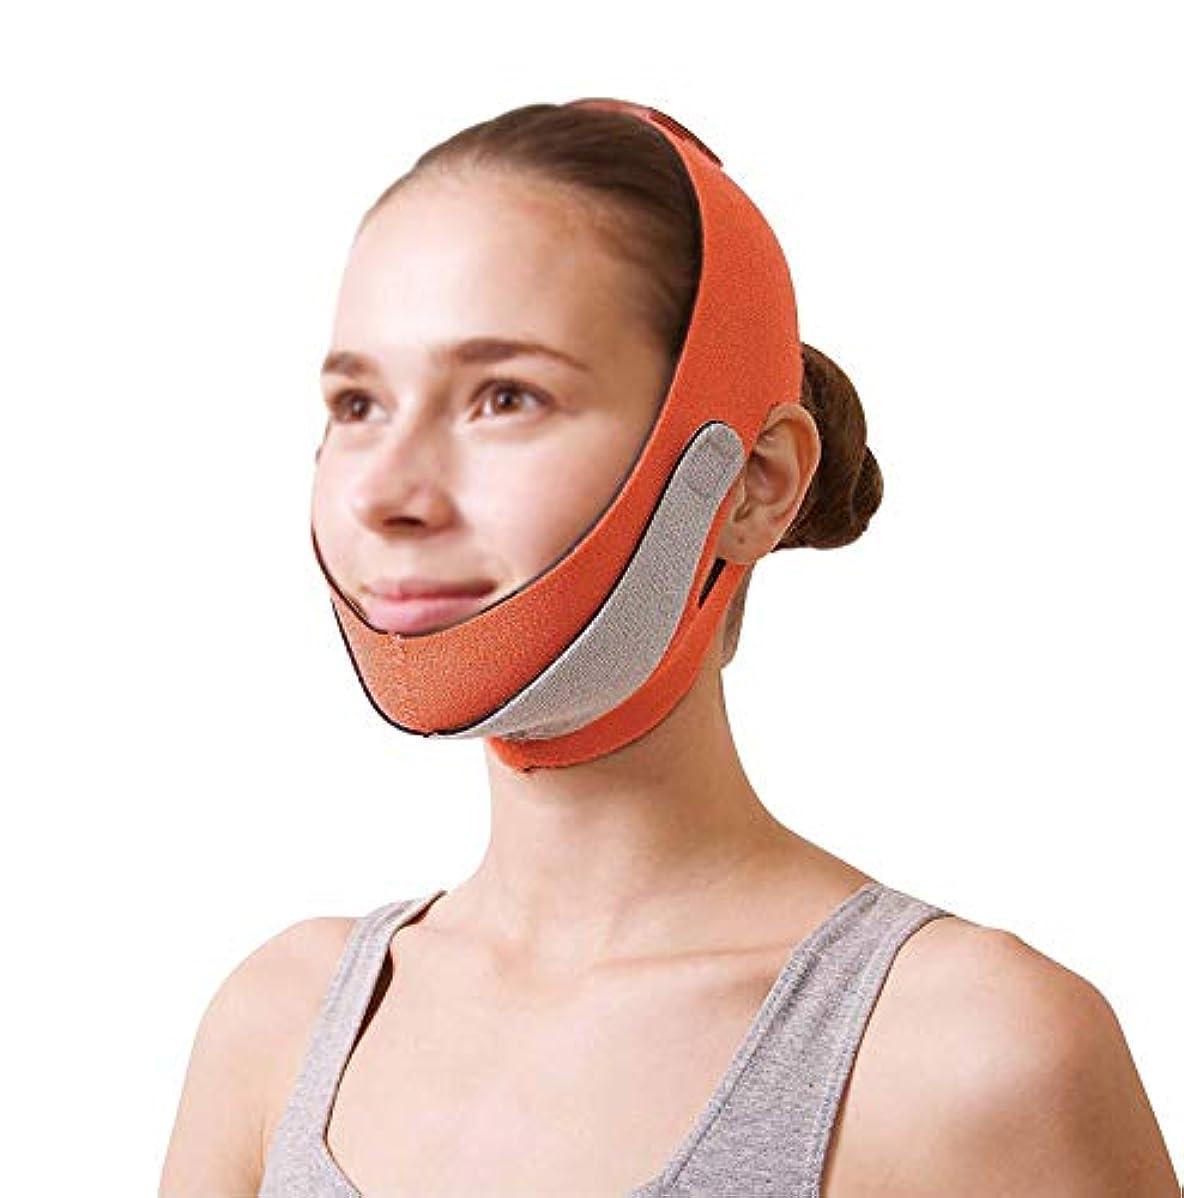 逆に責め聴衆GLJJQMY 薄いフェイスマスクあごストラップ回復パッチ包帯ヘッドマスクフェイシャルマスクフェイシャルマスクアーティファクト美容フェイシャルとネックリフトオレンジマスク 顔用整形マスク